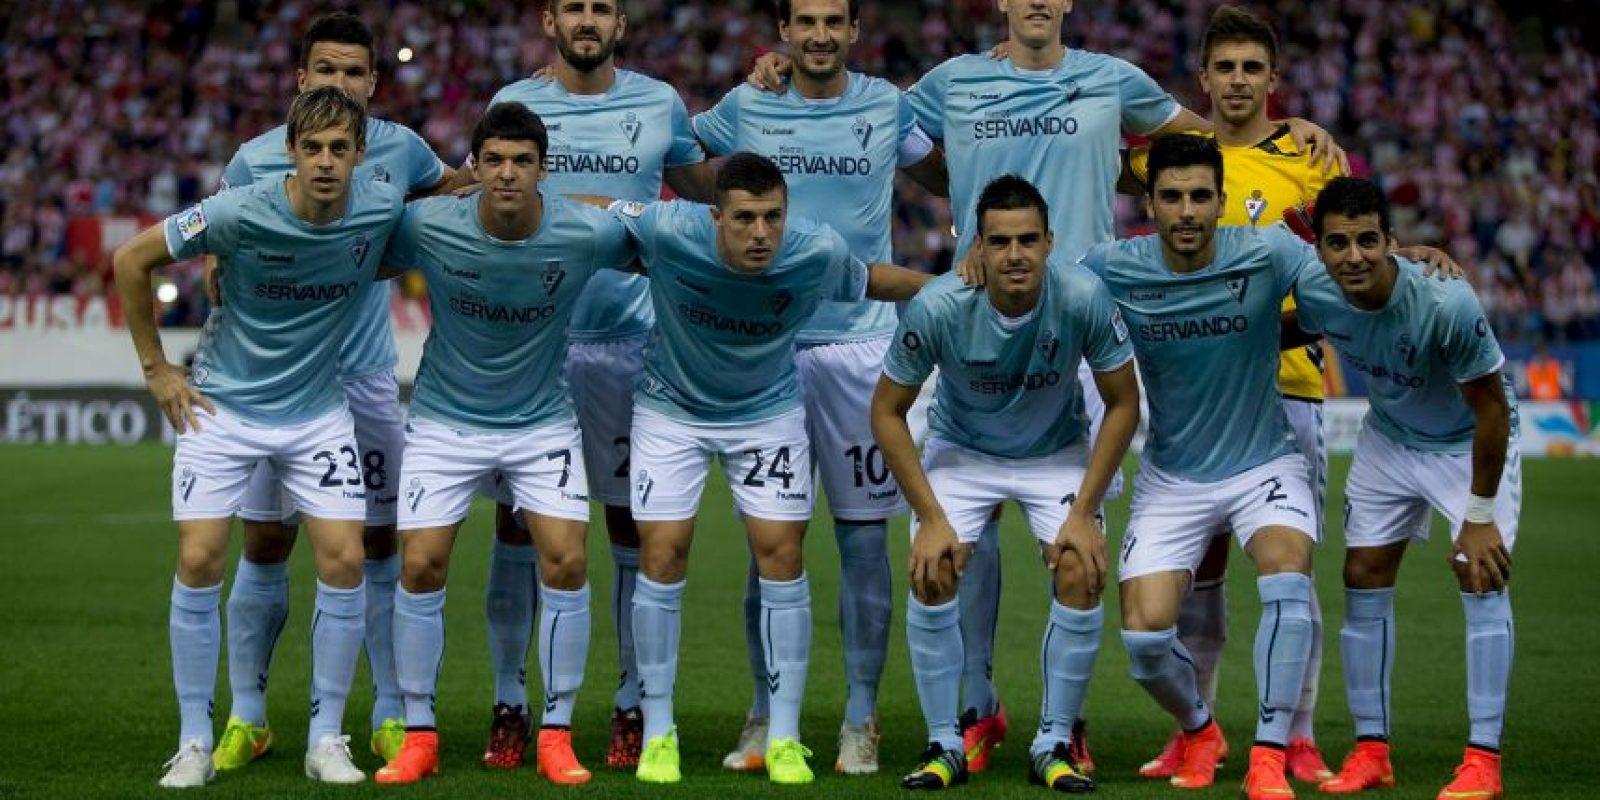 5. Eibar / El club español anunció que donará cinco euros de cada entrada vendida para el partido ante el Atlético de Madrid, del próximo 19 de septiembre en Ipurua. Foto:Getty Images